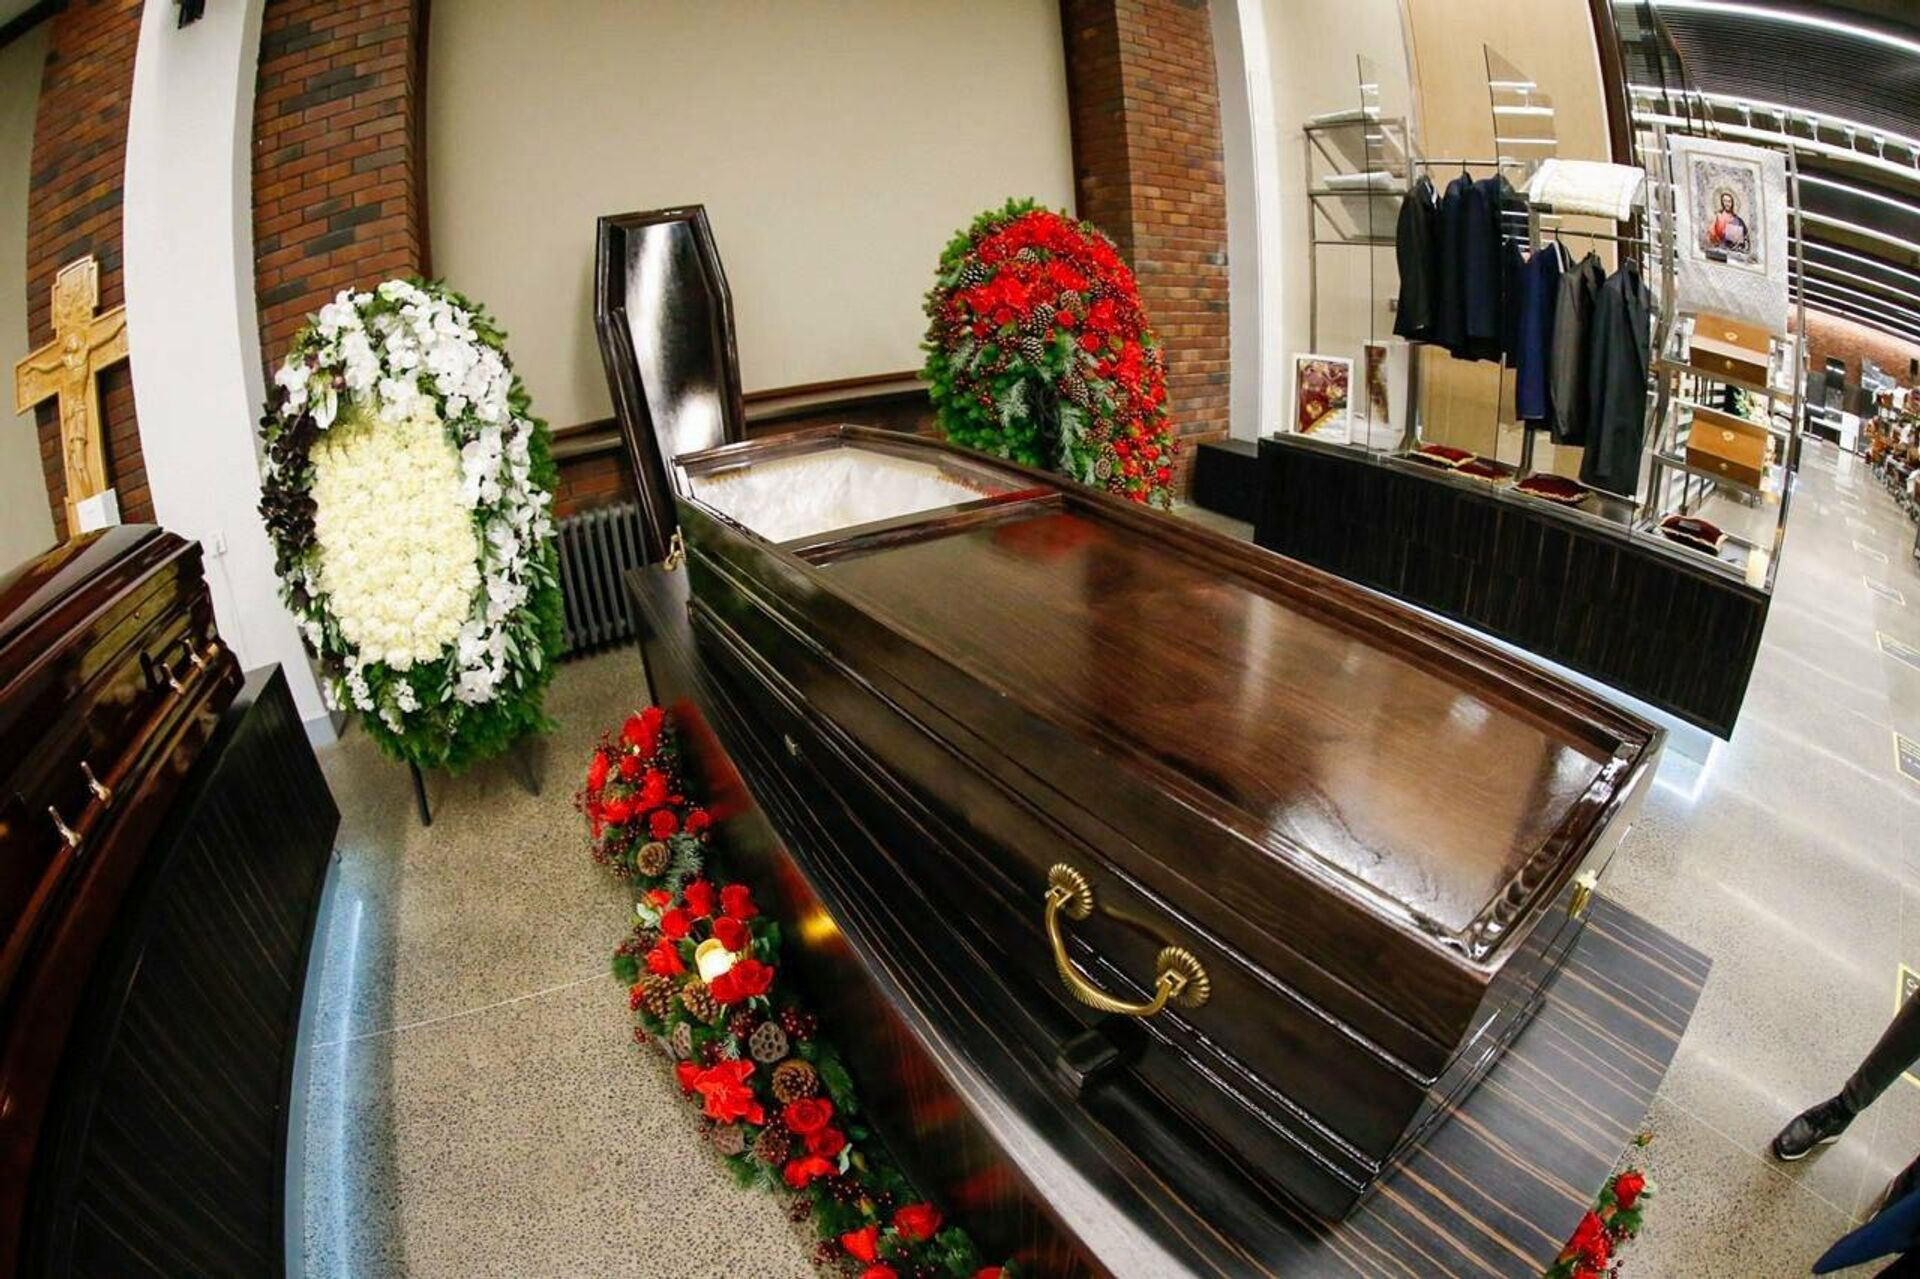 Гробы от ГБУ Ритуал со стеклянными крышками для умерших от коронавируса - РИА Новости, 1920, 12.11.2020